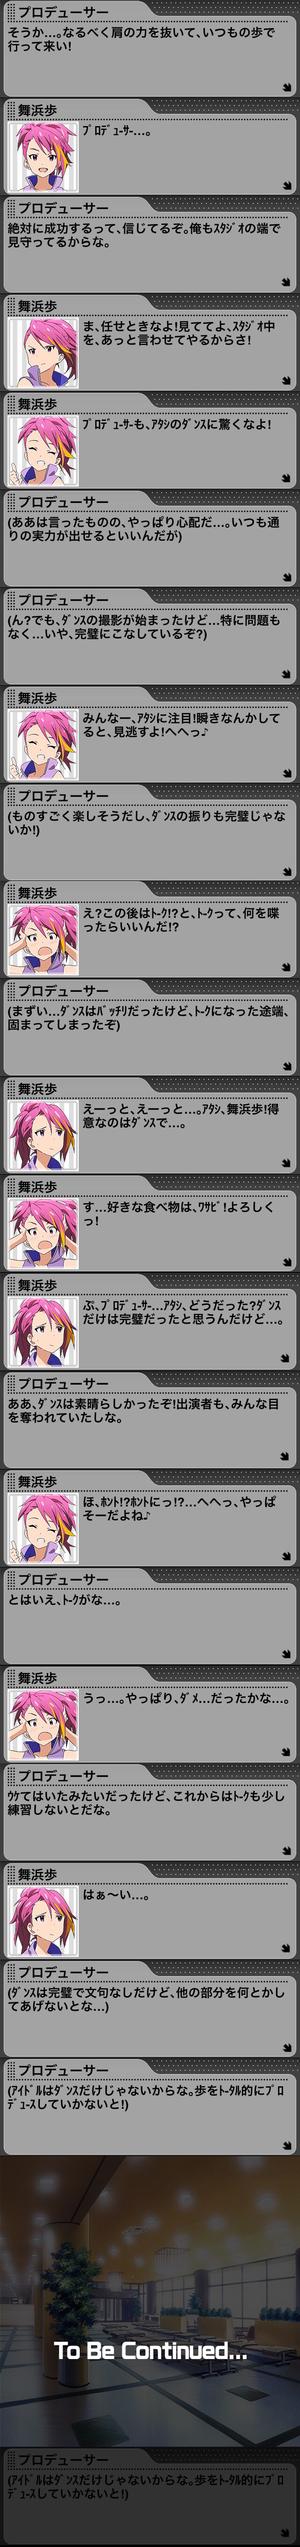 舞浜歩アイドルストーリーLv3_3